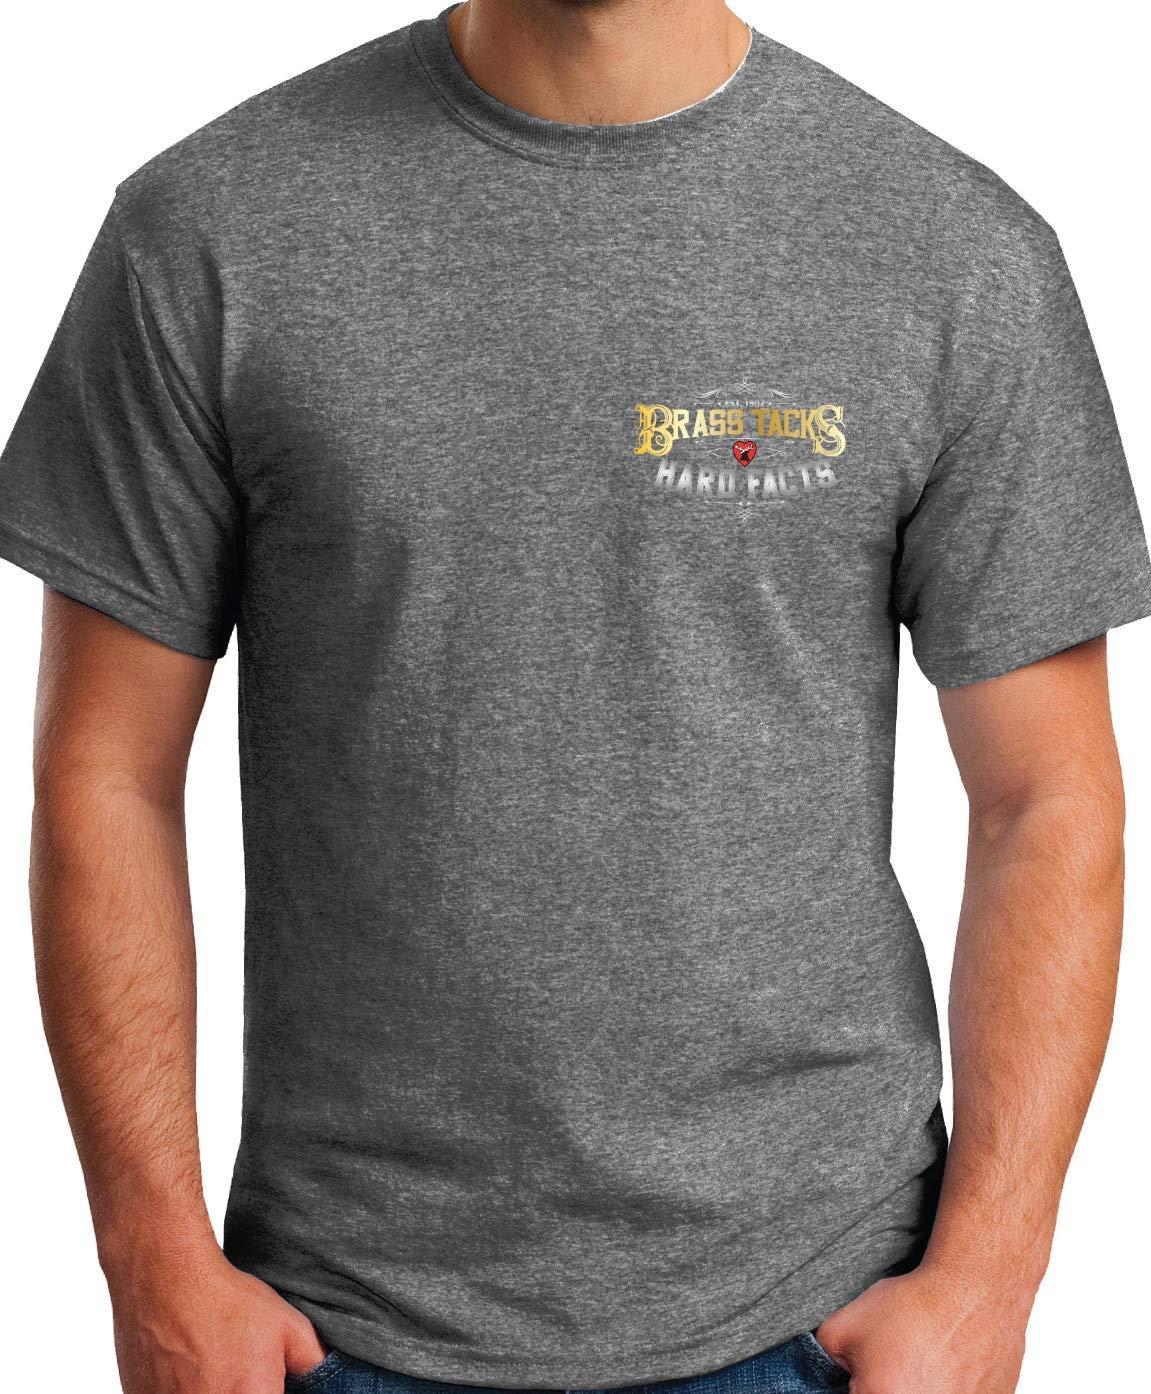 99610140 Elkhart Brass Brass Tacks Hard Facts Short Sleeve Dark Gray T Shirt - Medium 818-Je0qGsL